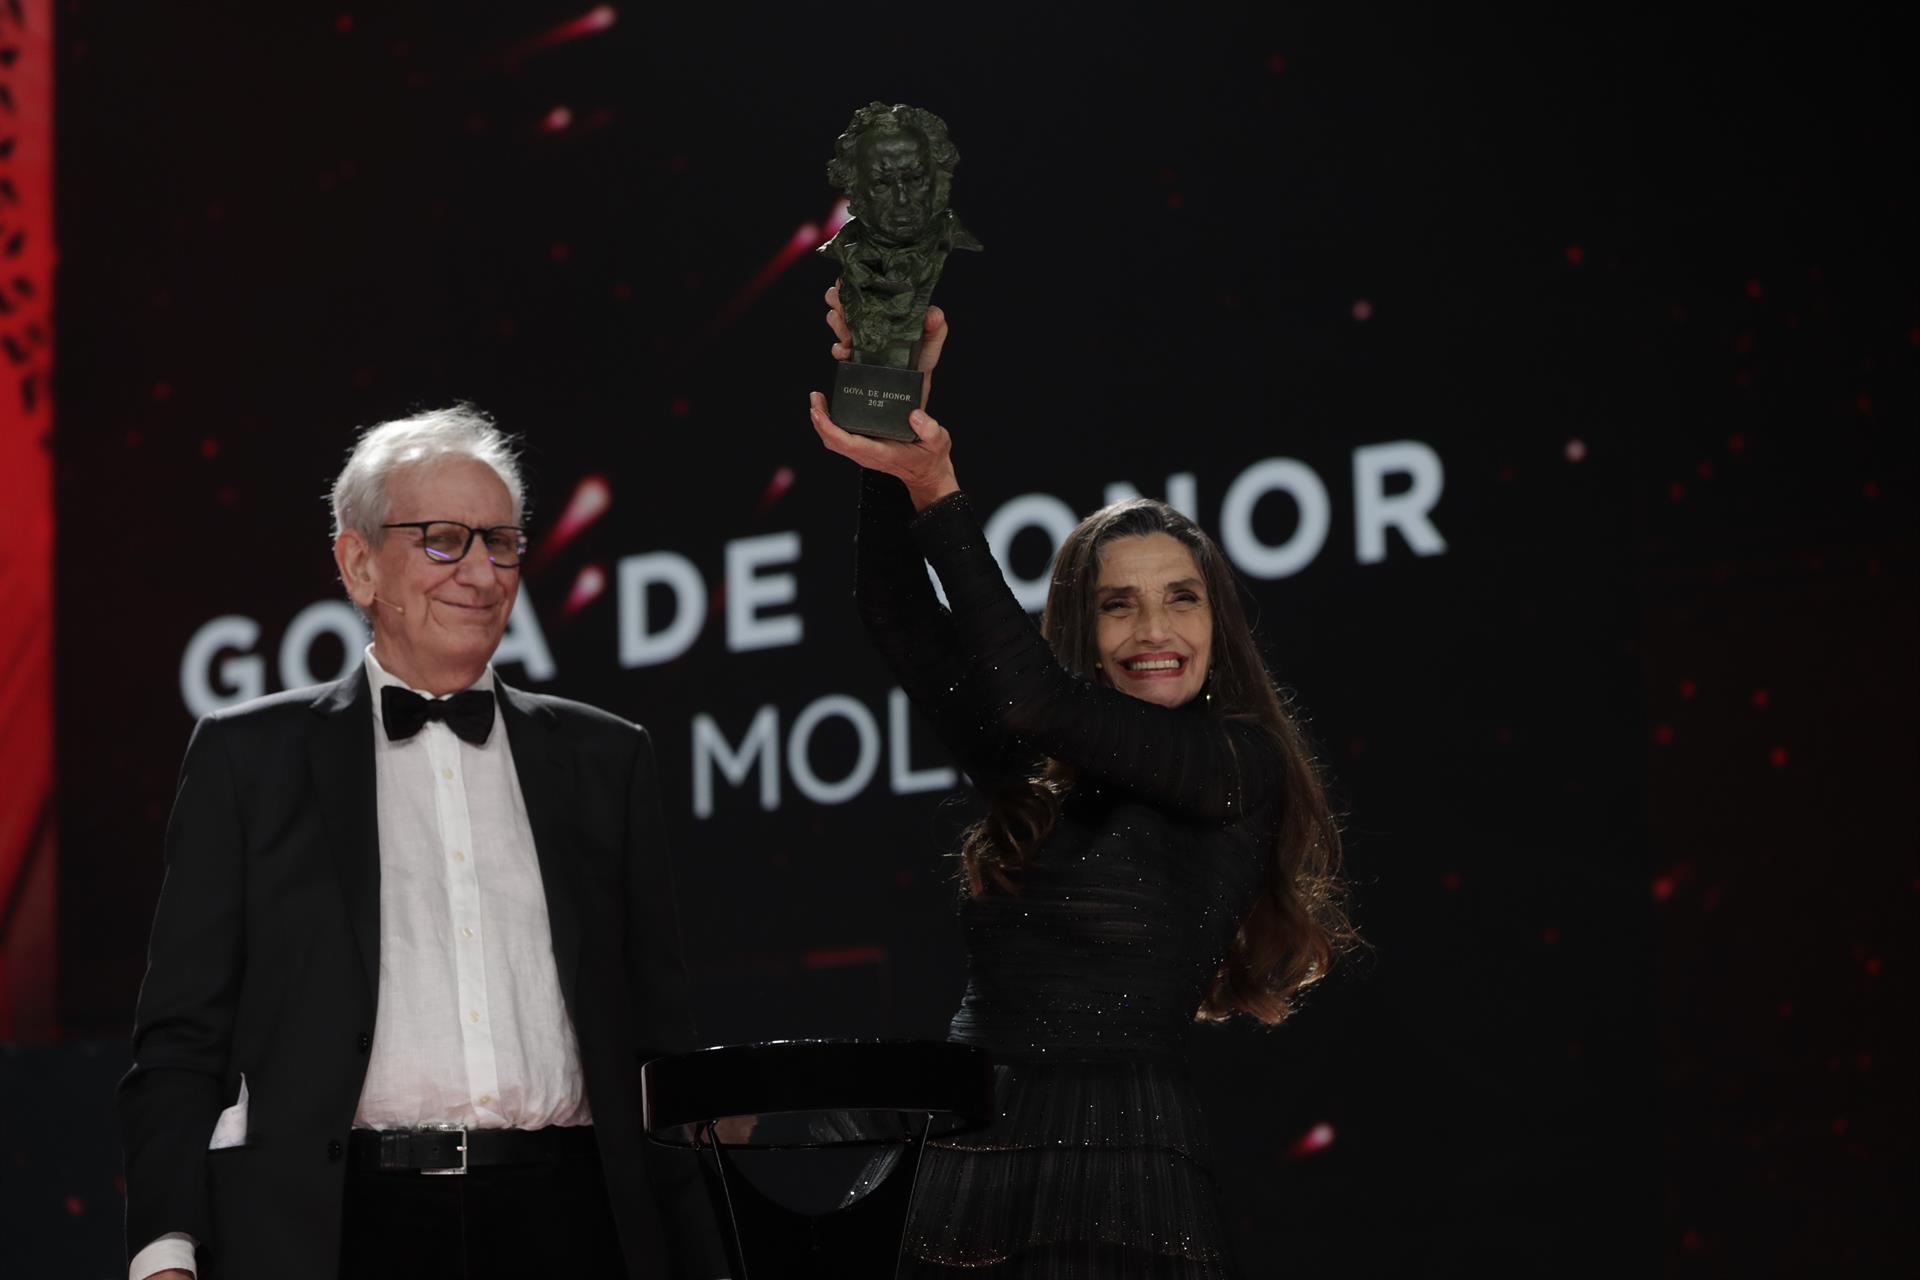 Andalucía despide la celebración de los Goya con una extraordinaria gala